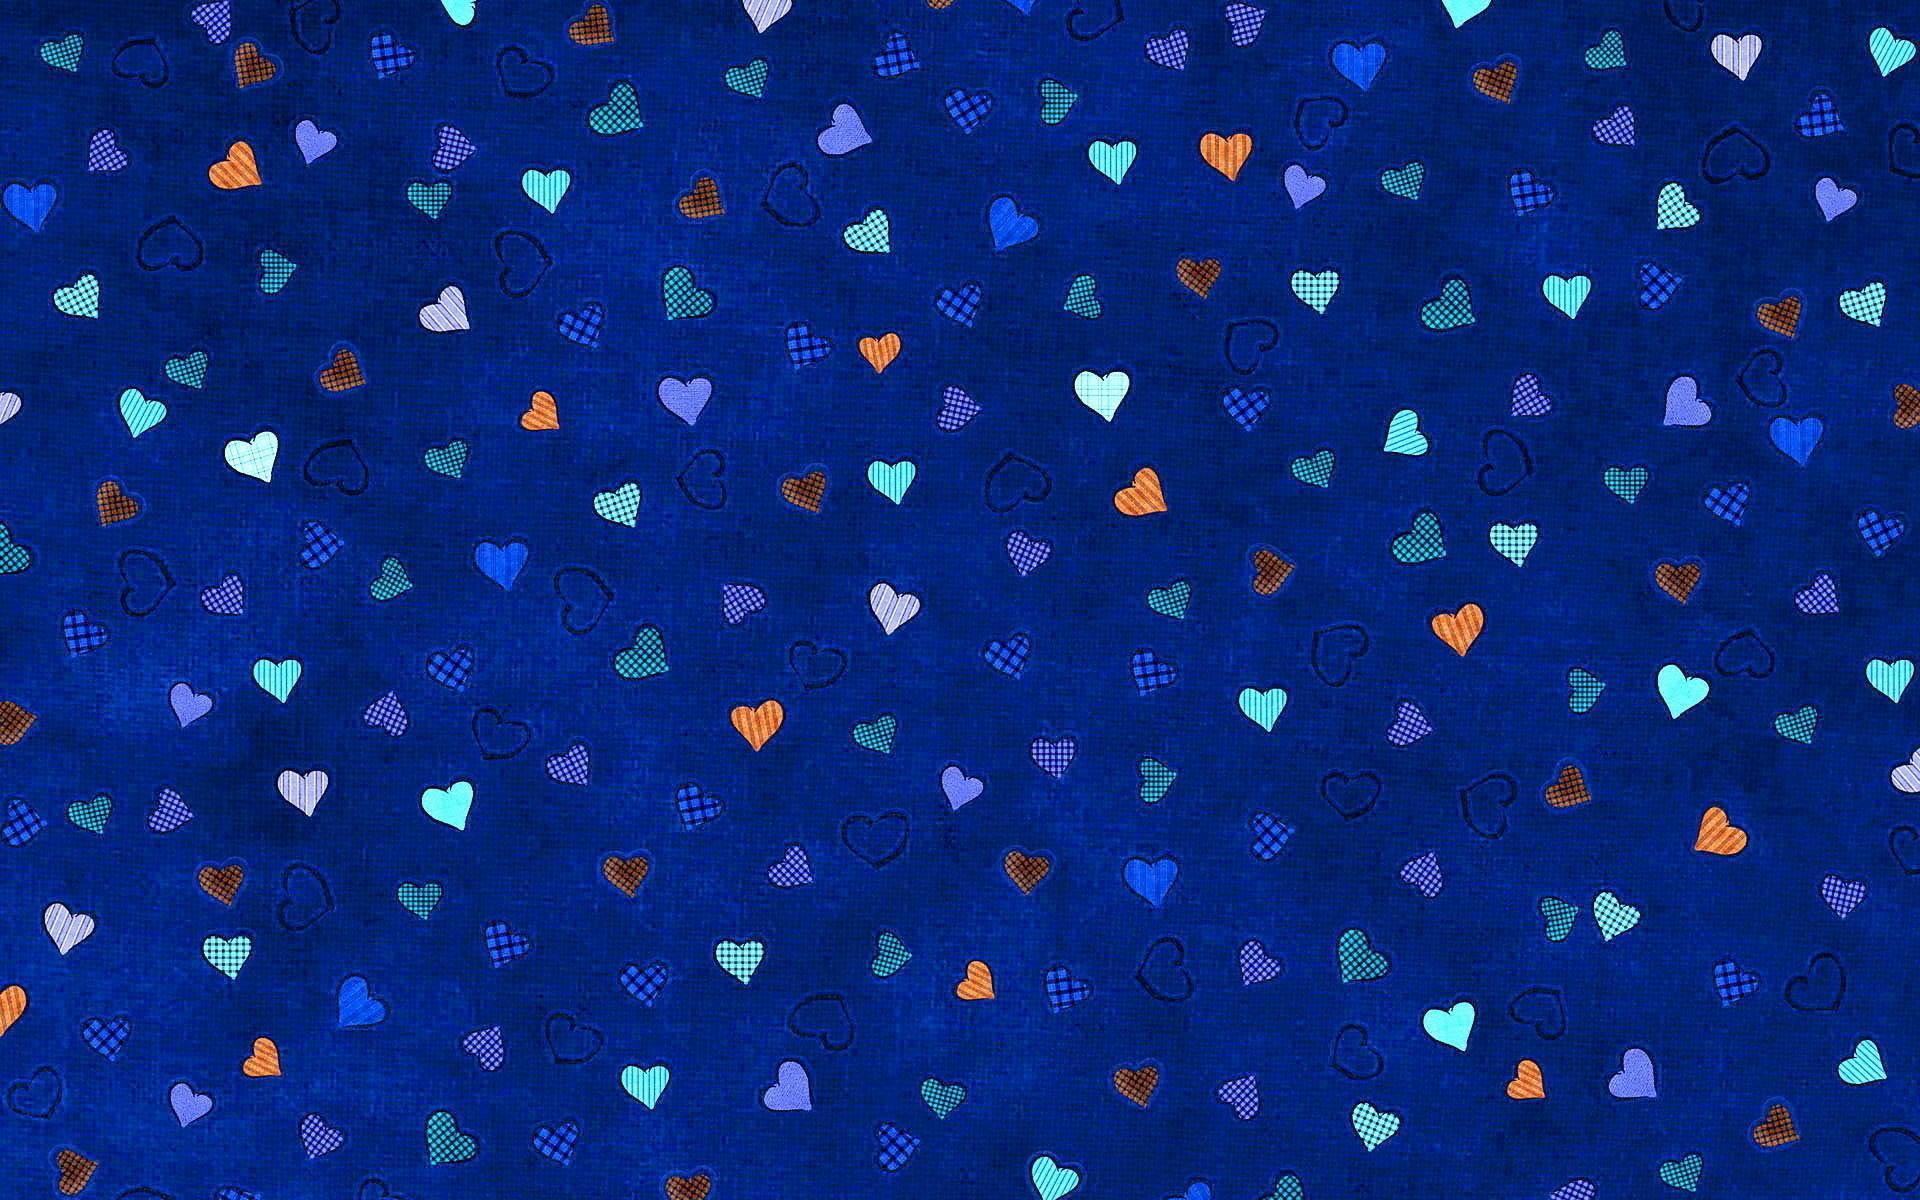 Сердечки синий фон обои для рабочего